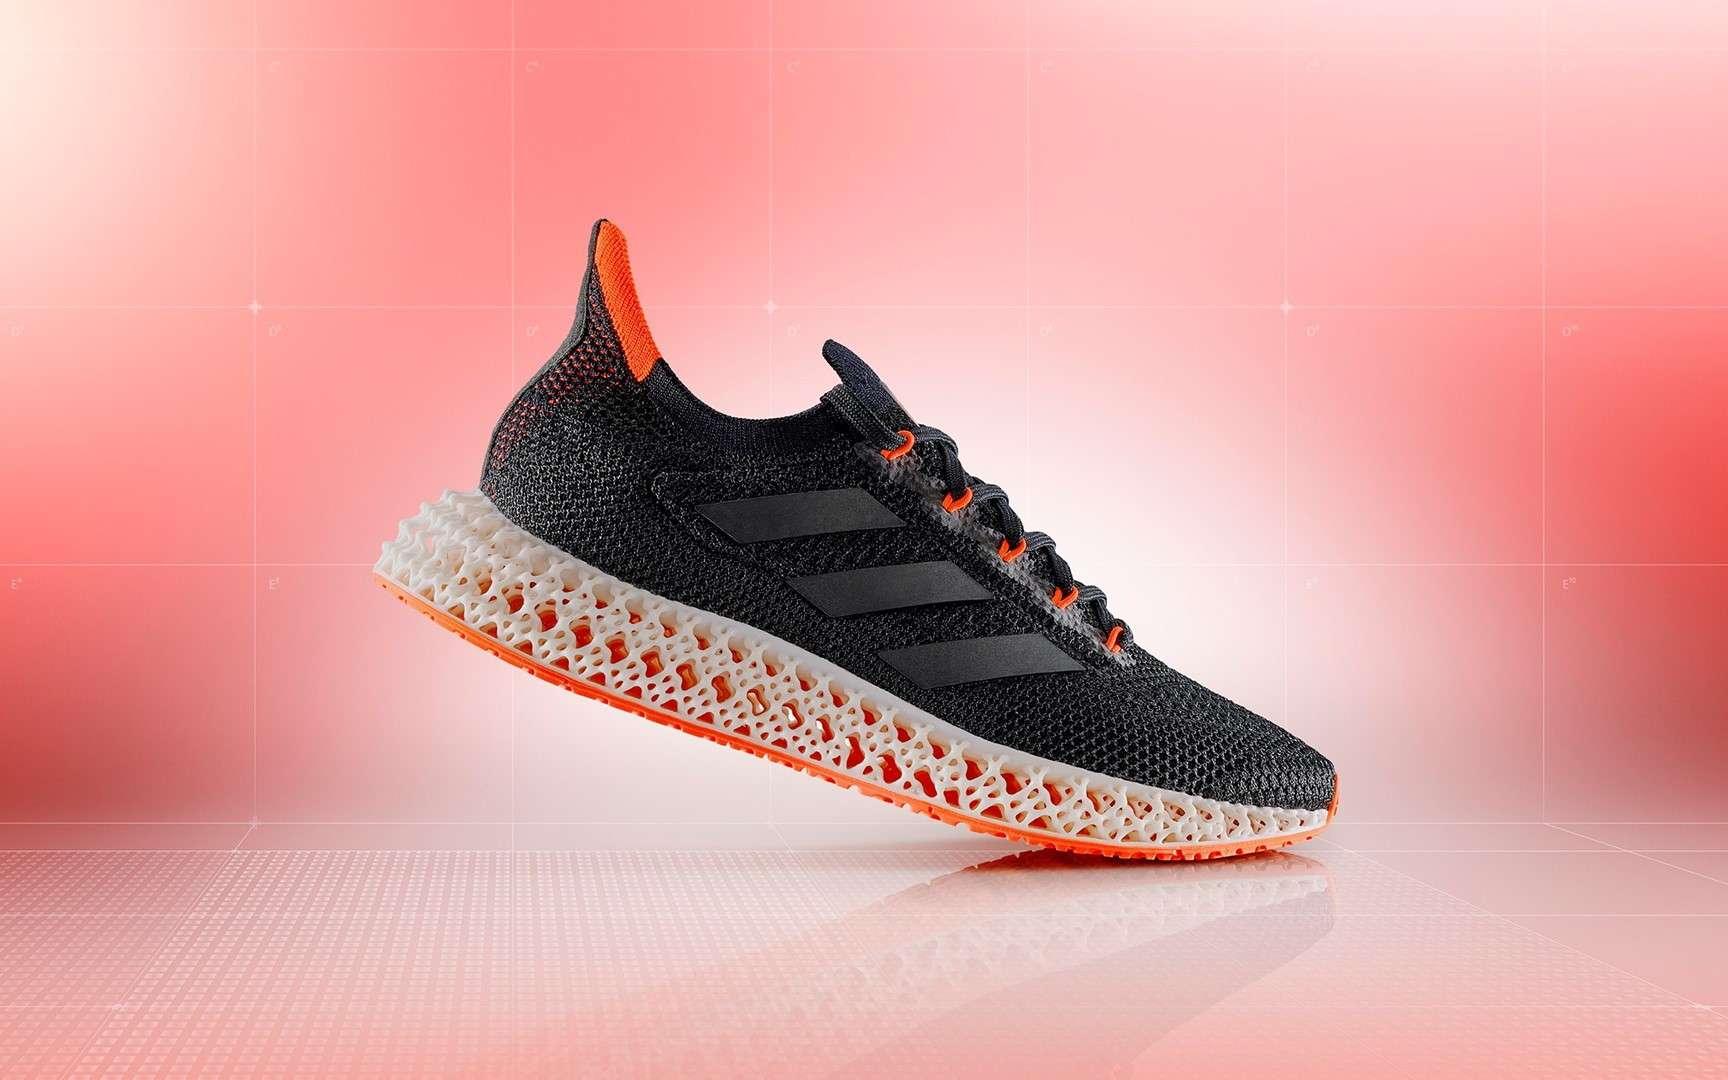 Adidas lance une chaussure avec semelle intercalaire imprimée en 3D